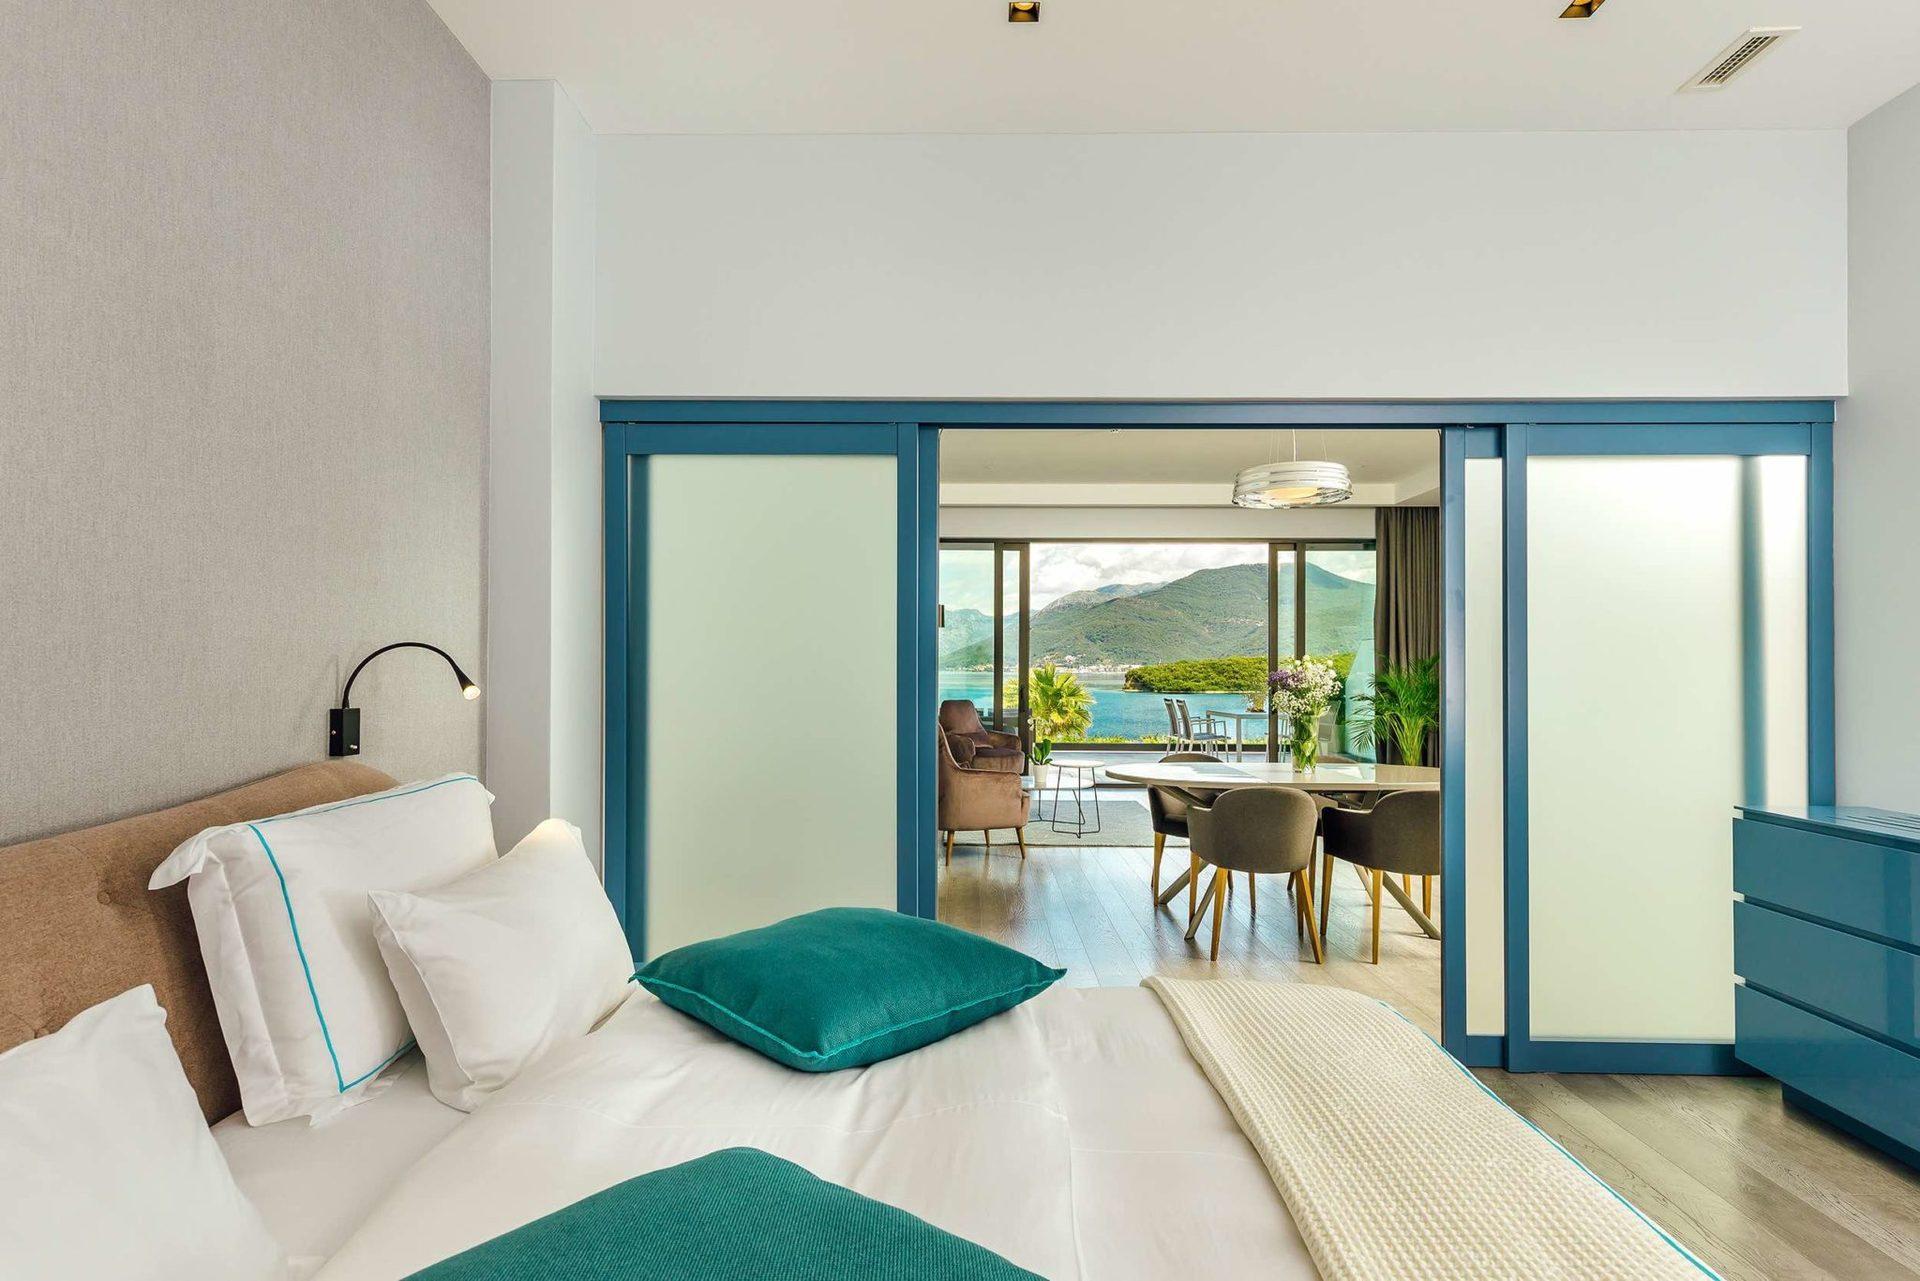 Готель відривається 1 травня 2021 року і має стати найбільш тусовочним місцем для відпочинку молоді та власників мега-яхт.